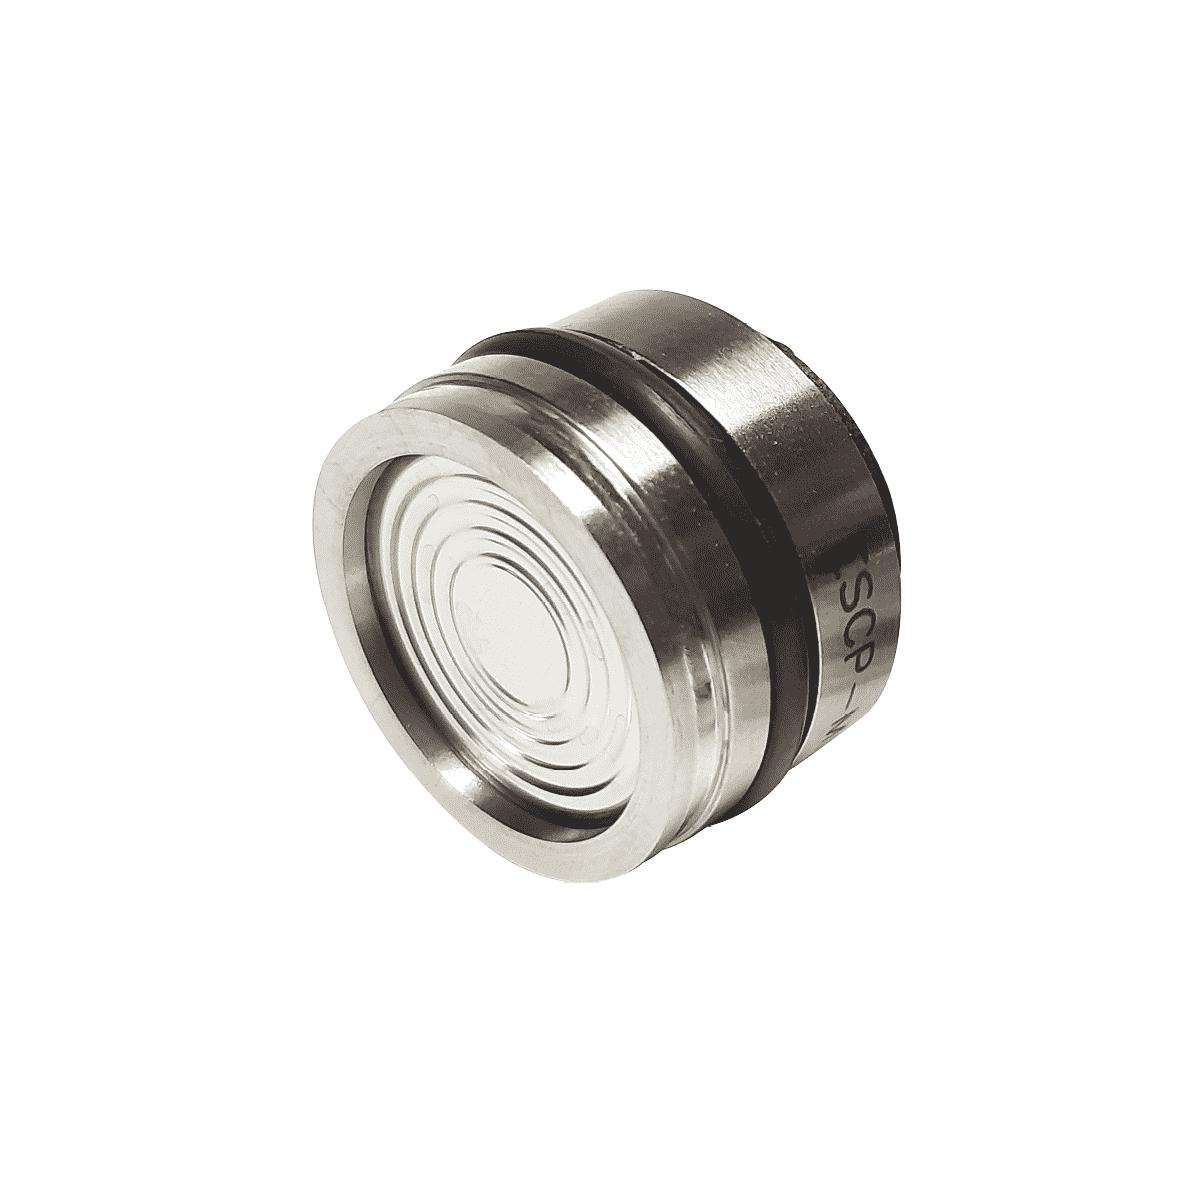 silicon capacitive pressure transducer